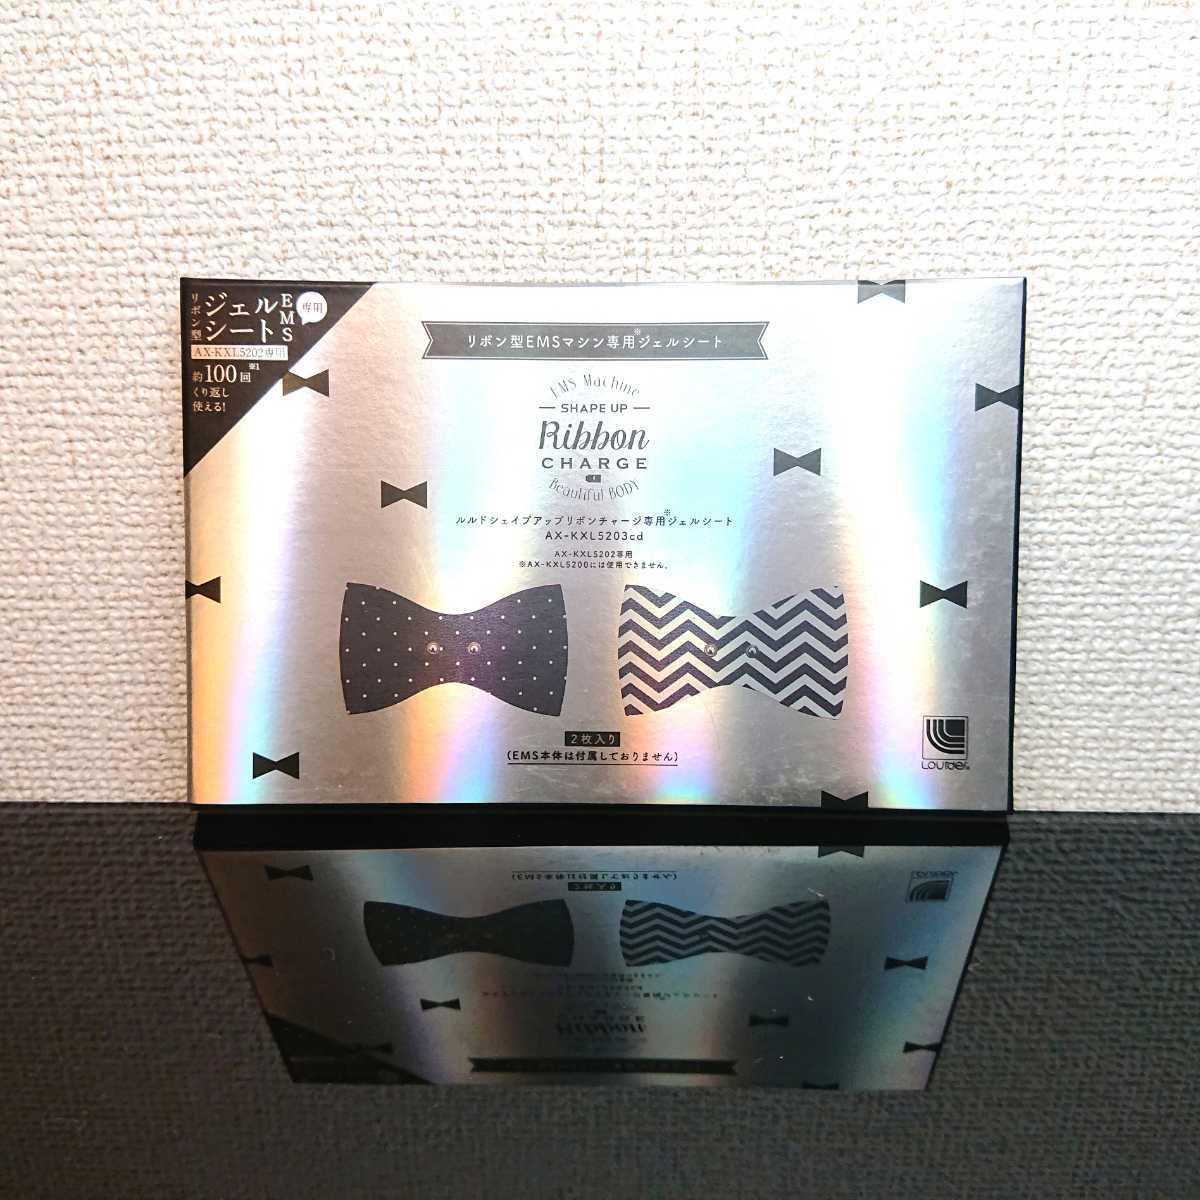 【ジェルシート2個付属】ルルド:シェイプアップリボンチャージAX-KXL5202_画像3